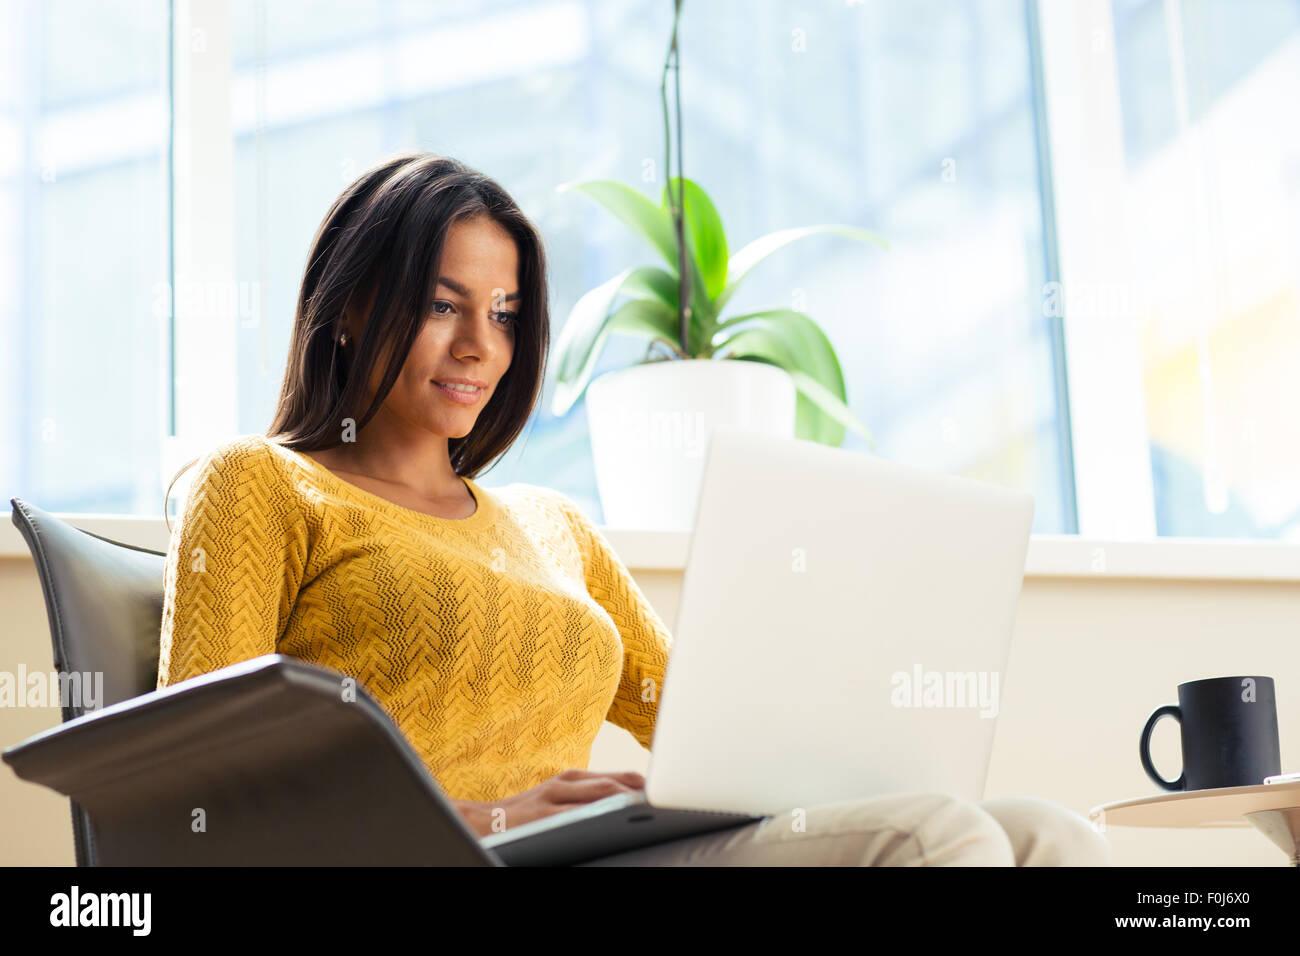 Felice casual imprenditrice seduto sulla sedia da ufficio con computer portatile in ufficio Immagini Stock